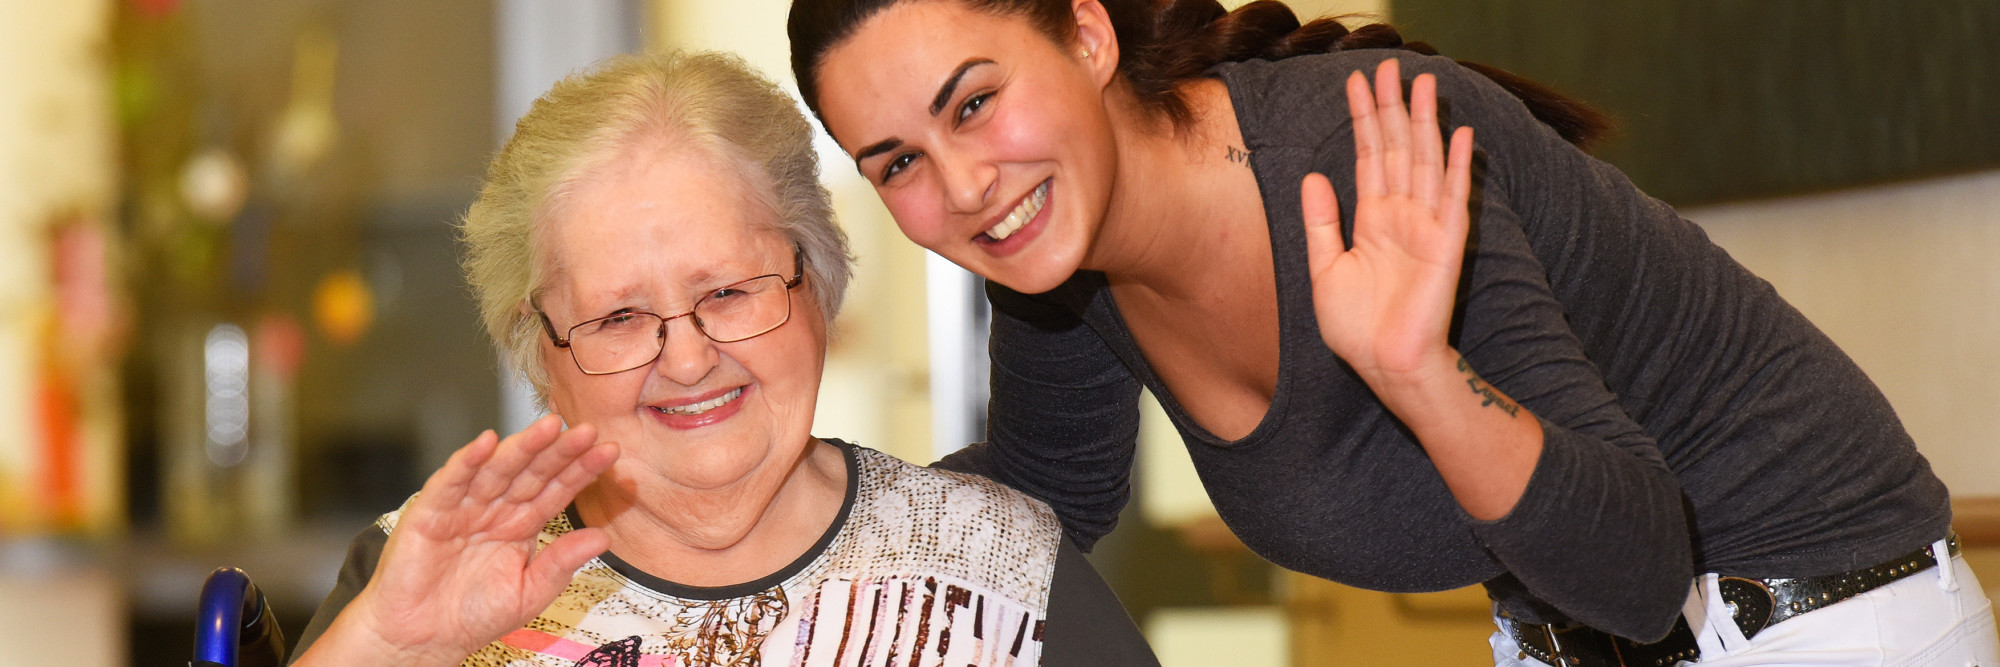 Eine Seniorin und eine Altenpflegerin winken gemeinsam in die Kamera.